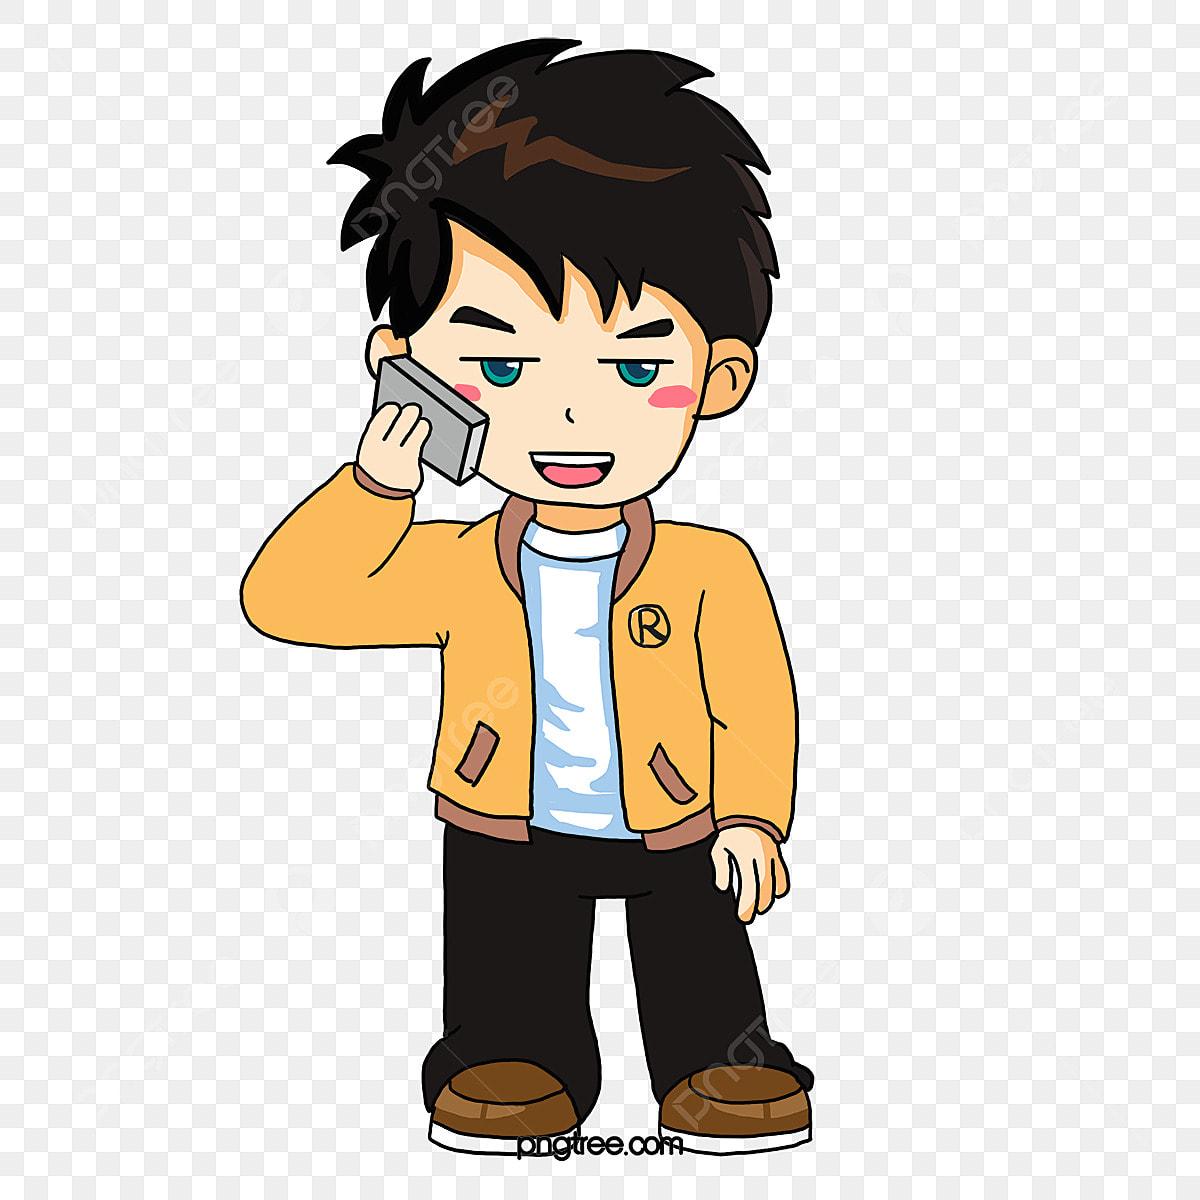 無料ダウンロードのための男の子は電話をして キャラクター イラスト